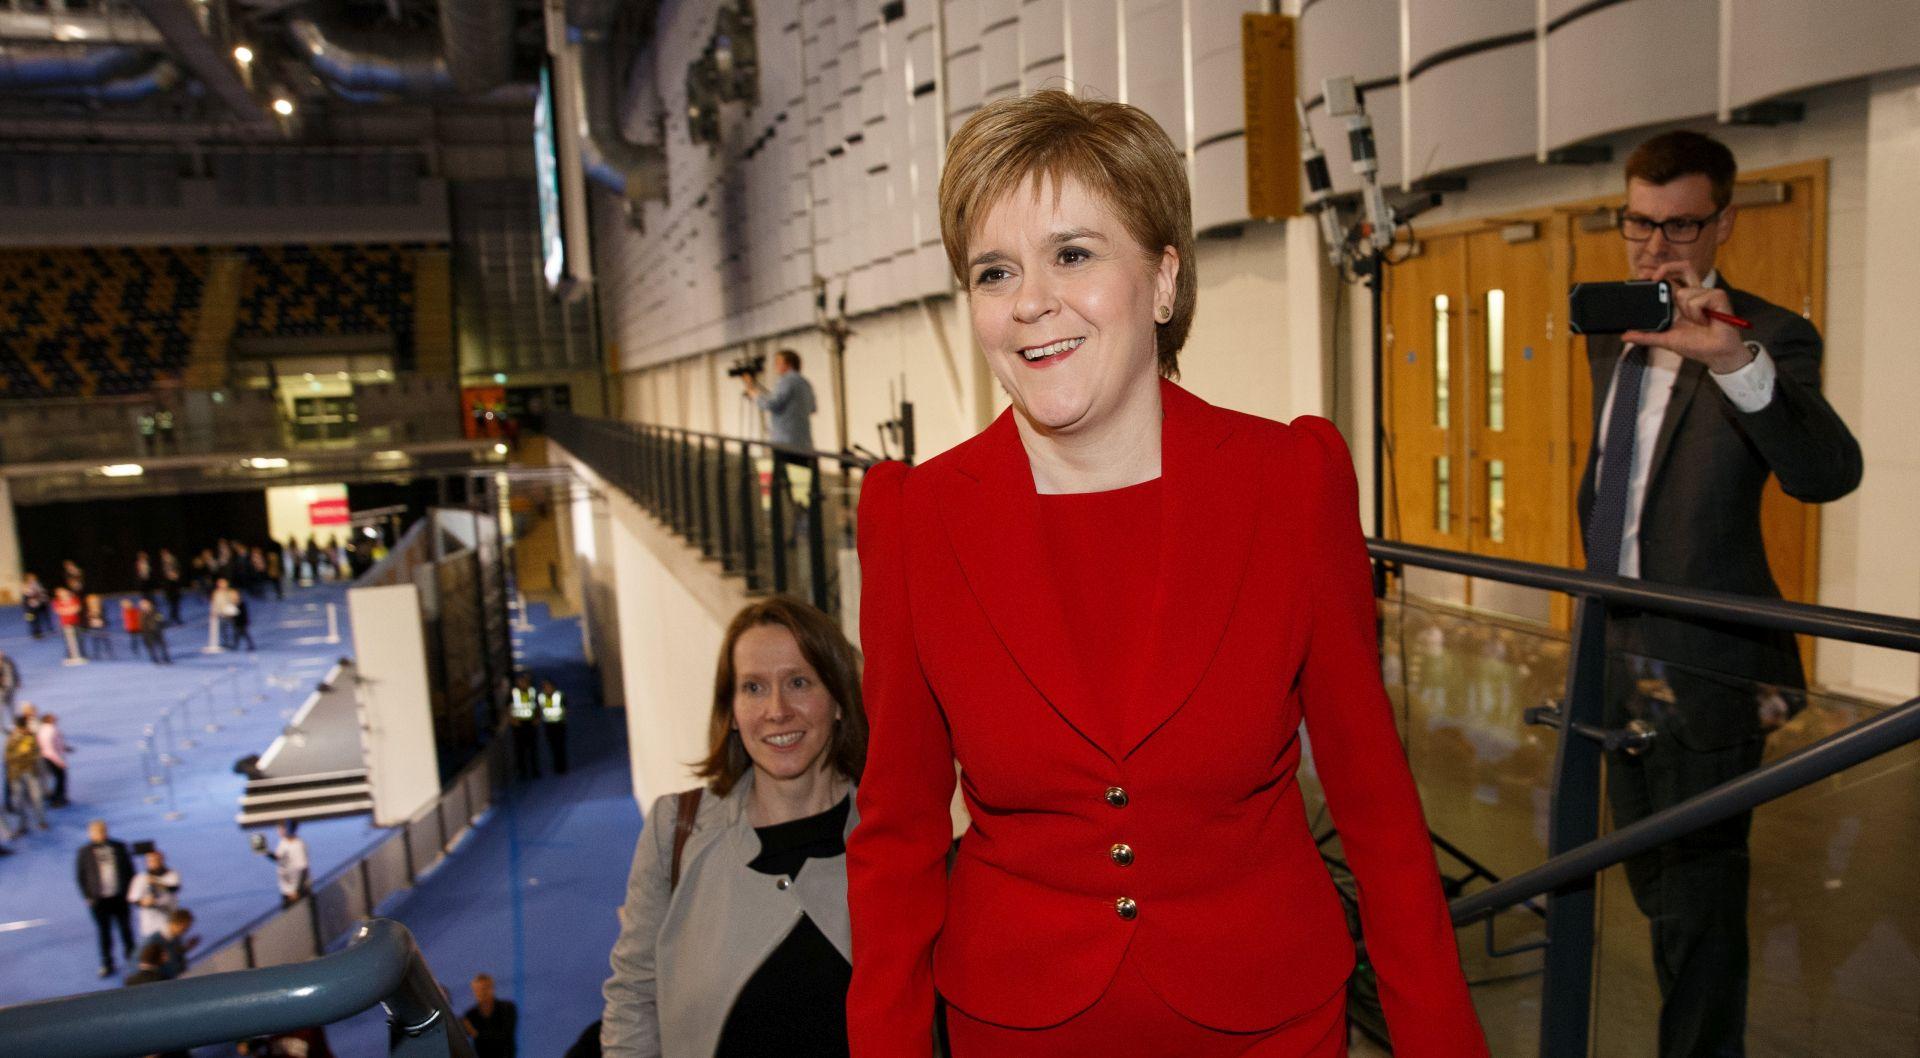 VELIKA BRITANIJA May neće dopustiti referendum o škotskoj neovisnosti prije završetka Brexita